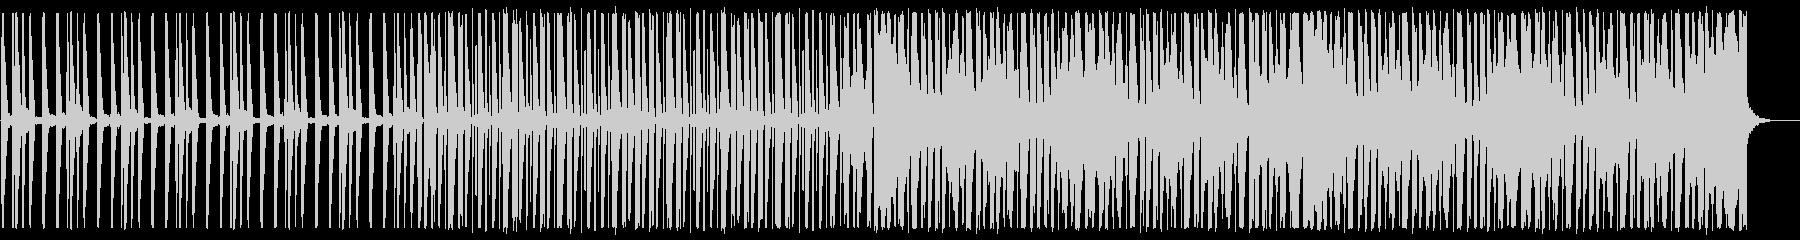 涼しげなディープハウス_No615_2の未再生の波形